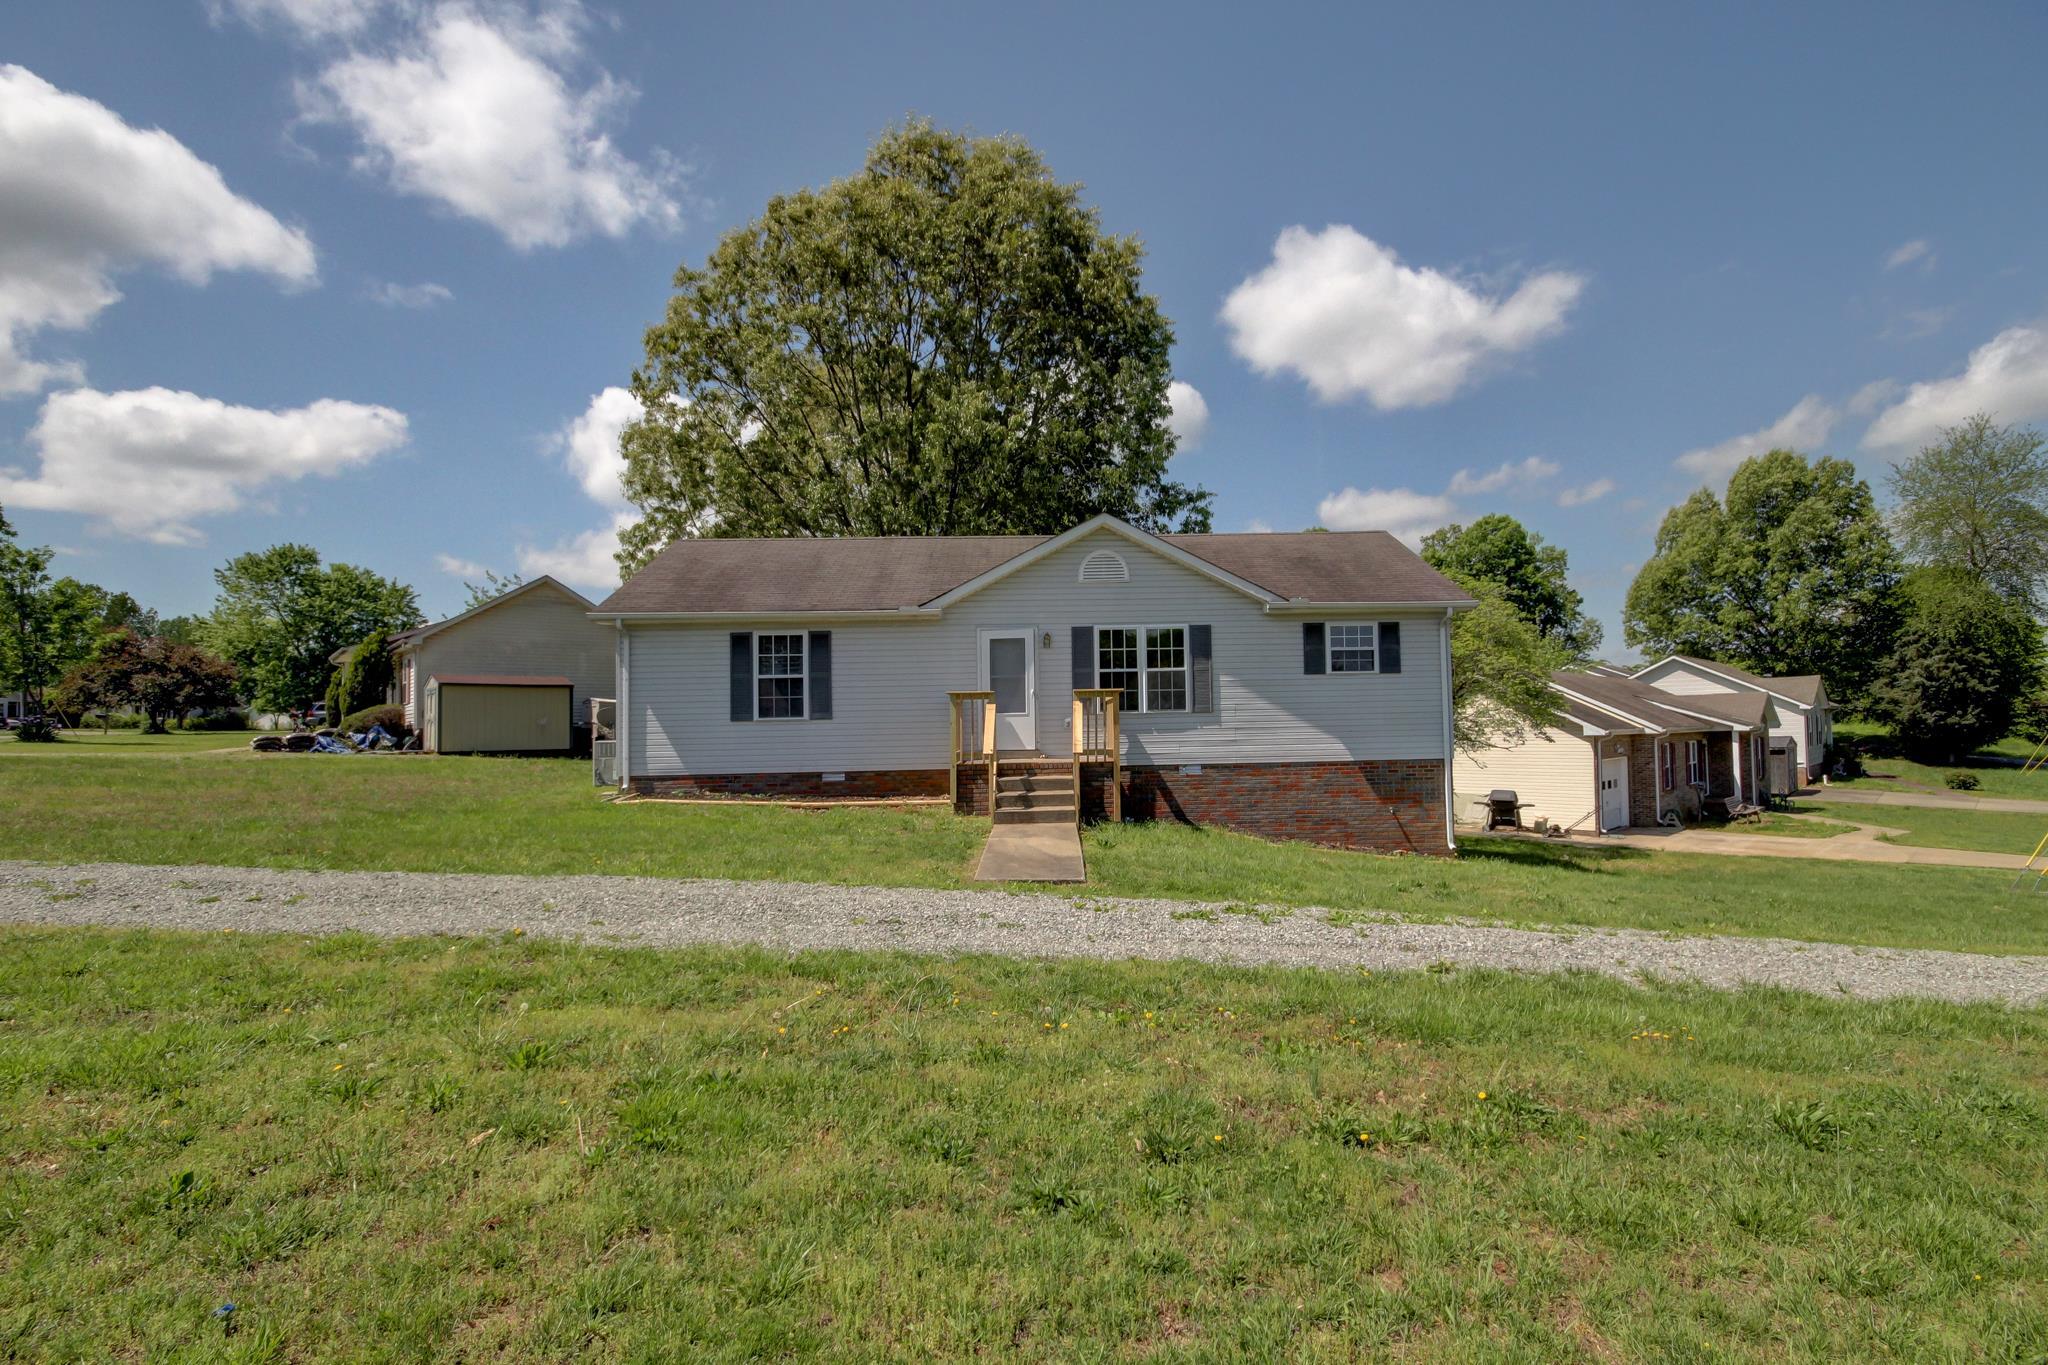 435 Carter Rd, Clarksville, TN 37042